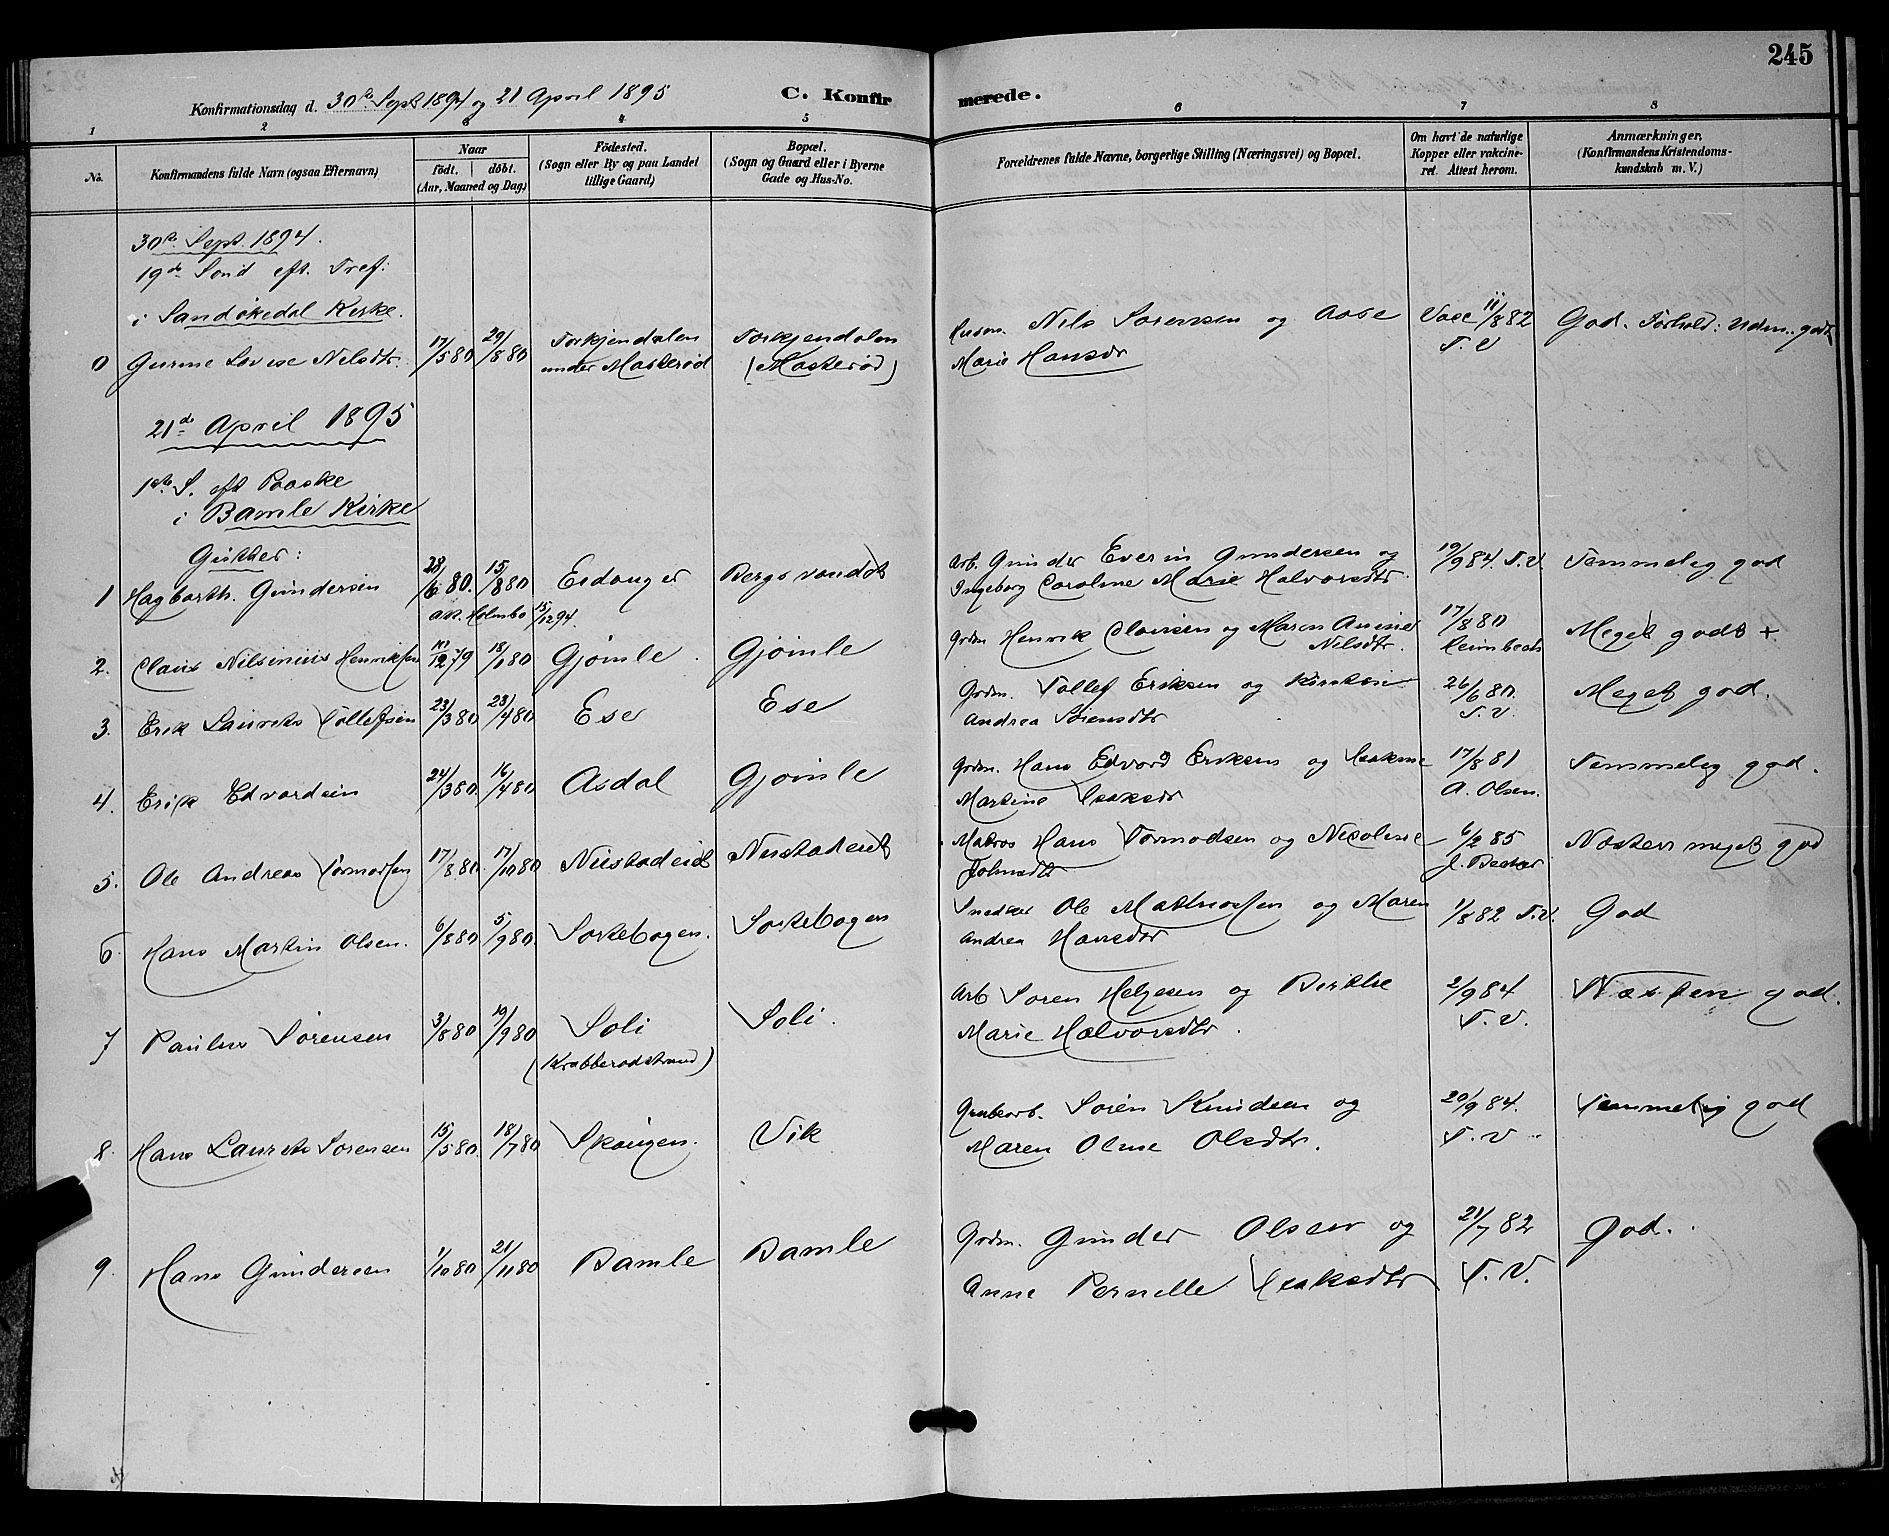 SAKO, Bamble kirkebøker, G/Ga/L0009: Klokkerbok nr. I 9, 1888-1900, s. 245